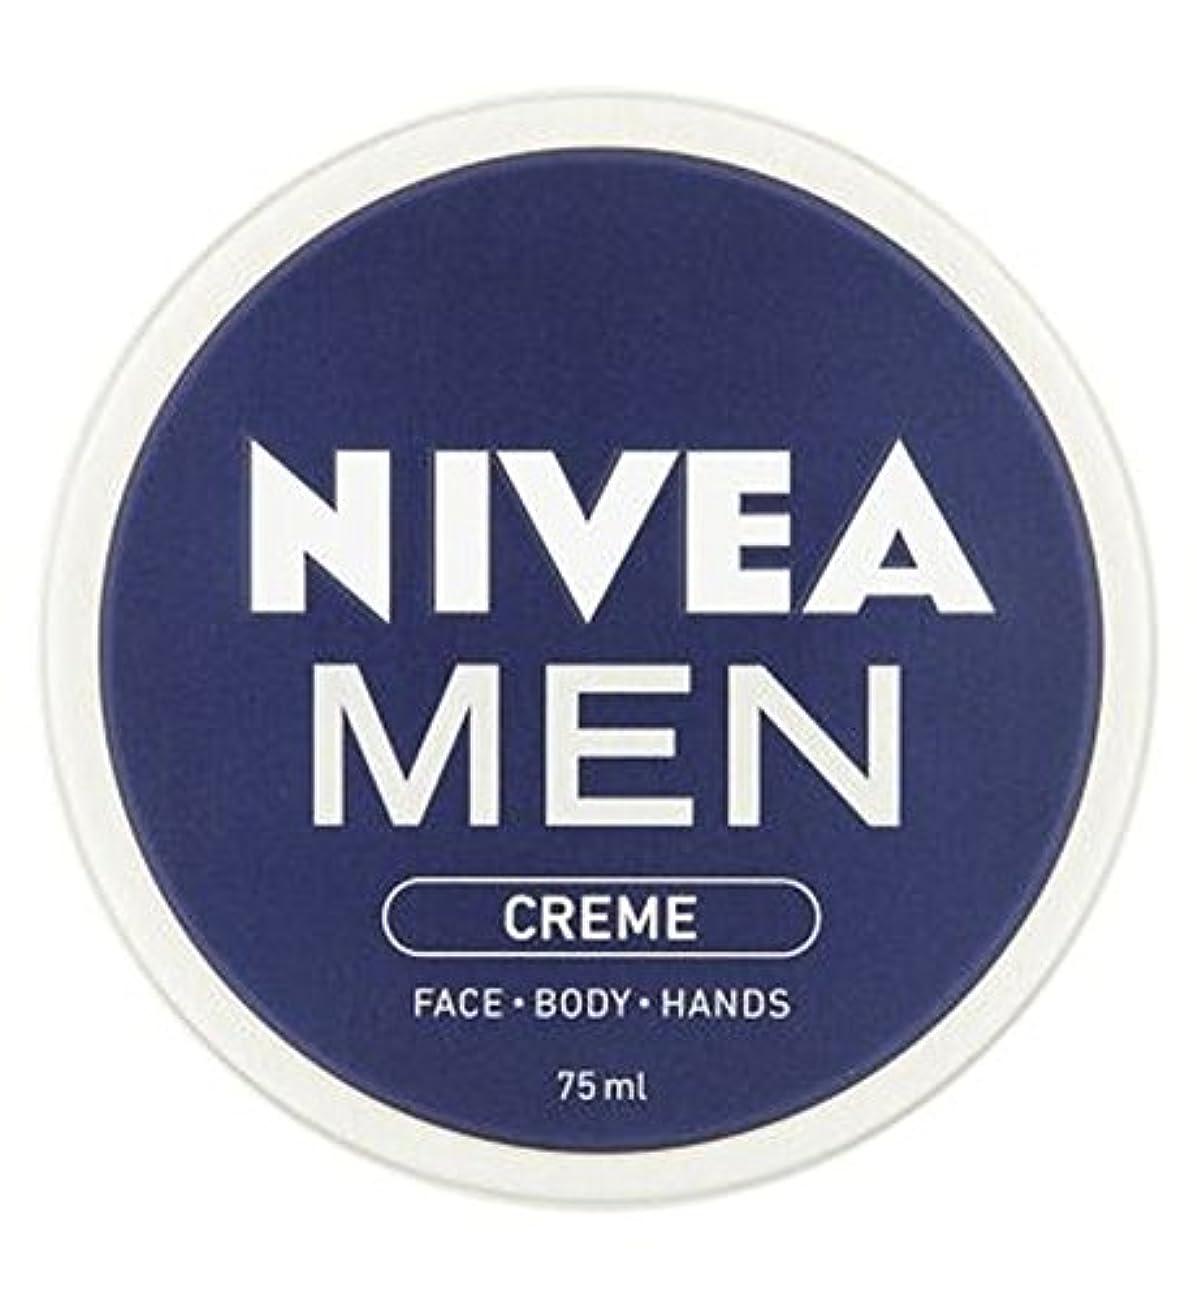 慎重にポルトガル語バラエティNIVEA MEN Creme 75ml - ニベアの男性は75ミリリットルをクリーム (Nivea) [並行輸入品]